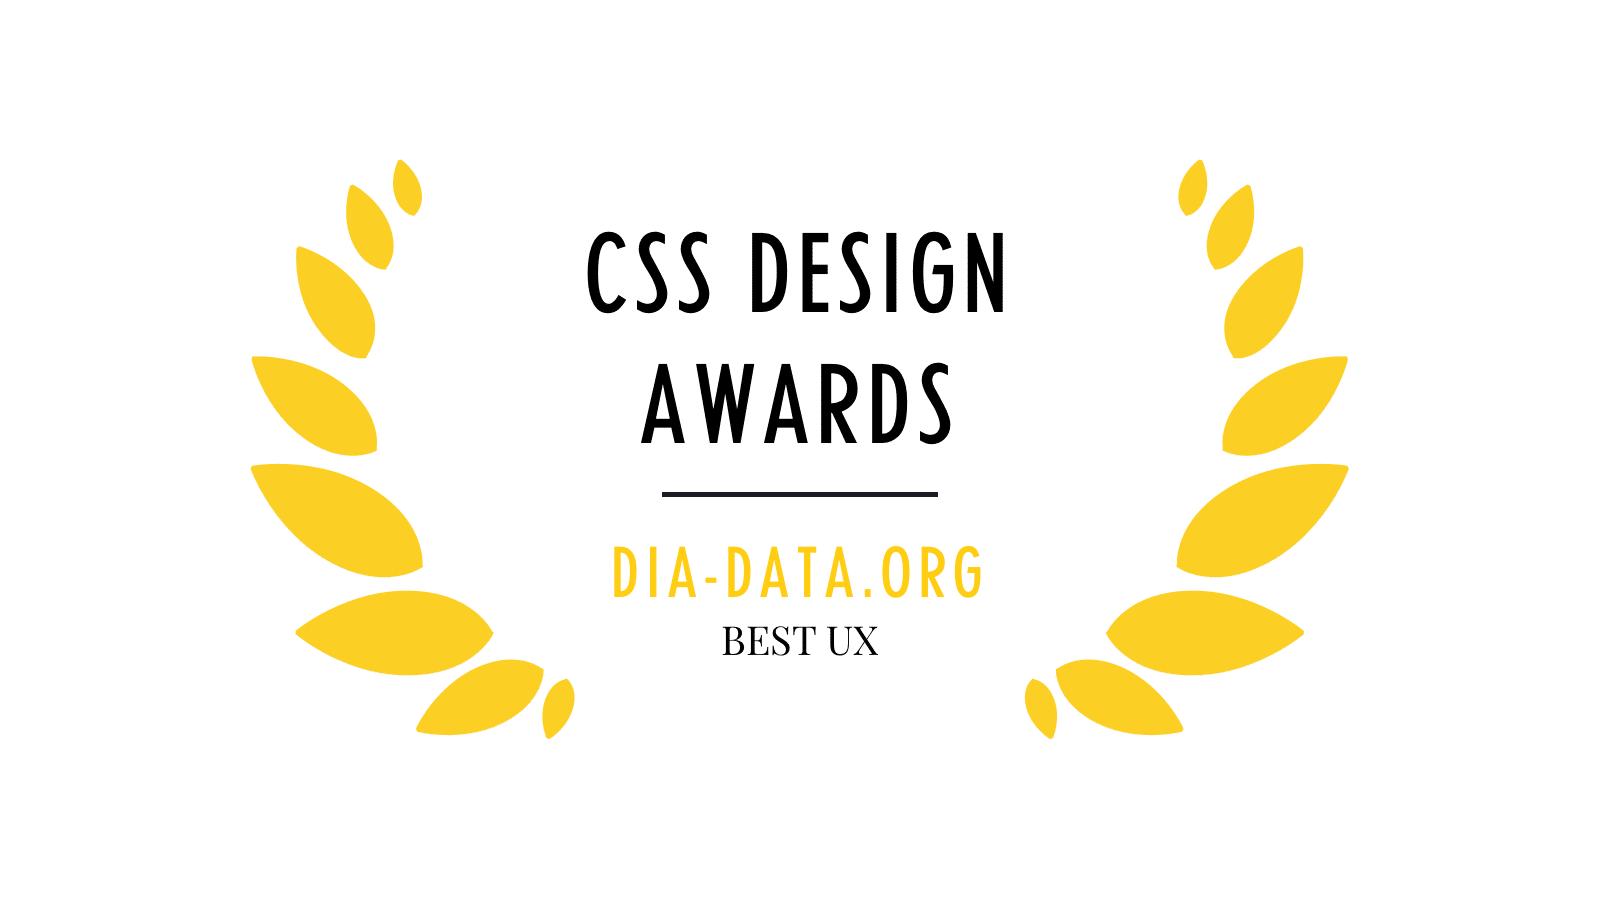 CSS DESIGN AWARD DiaCSS DESIGN AWARD Dia